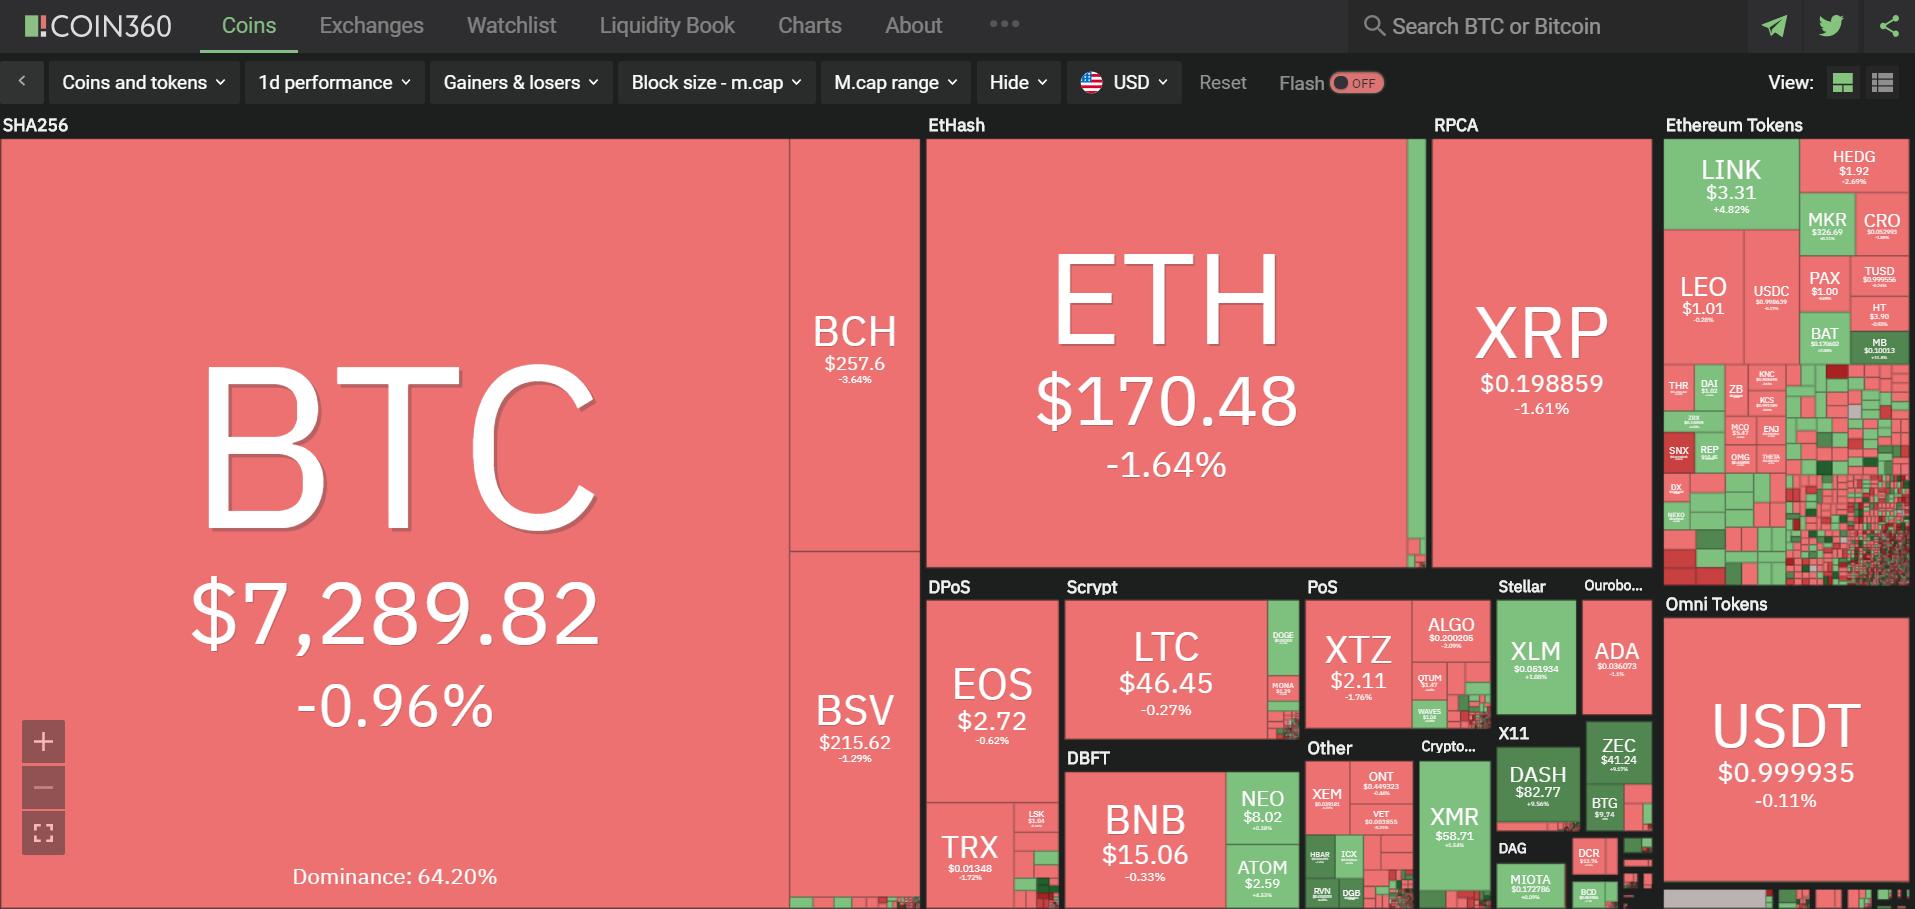 Toàn cảnh thị trường tiền kĩ thuật số hôm nay (10/4) (Nguồn: Coin360.com)